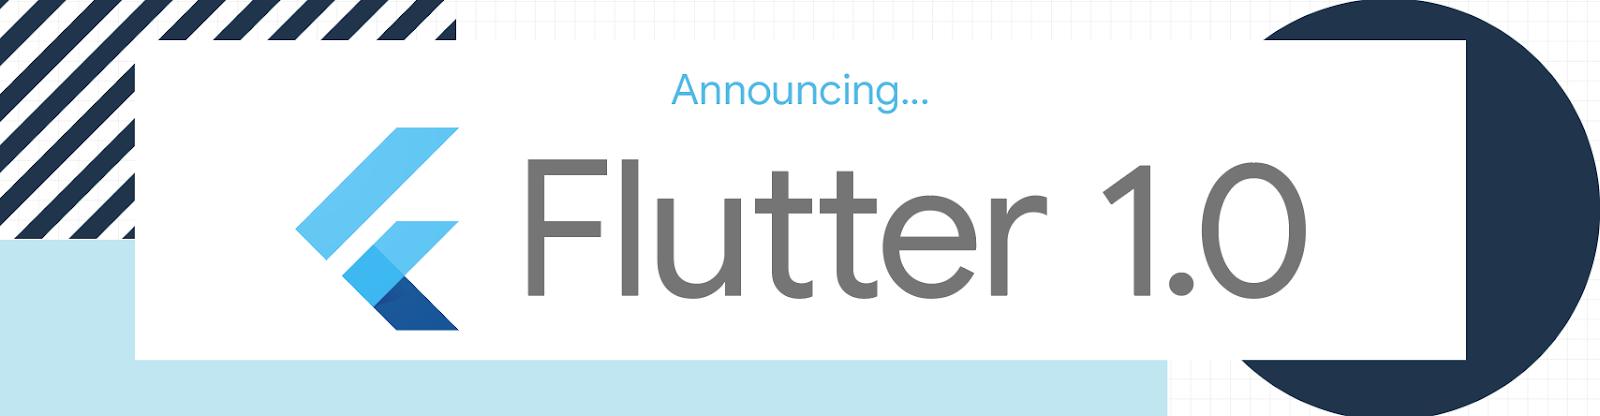 Flutter 1.0 - December 4 release